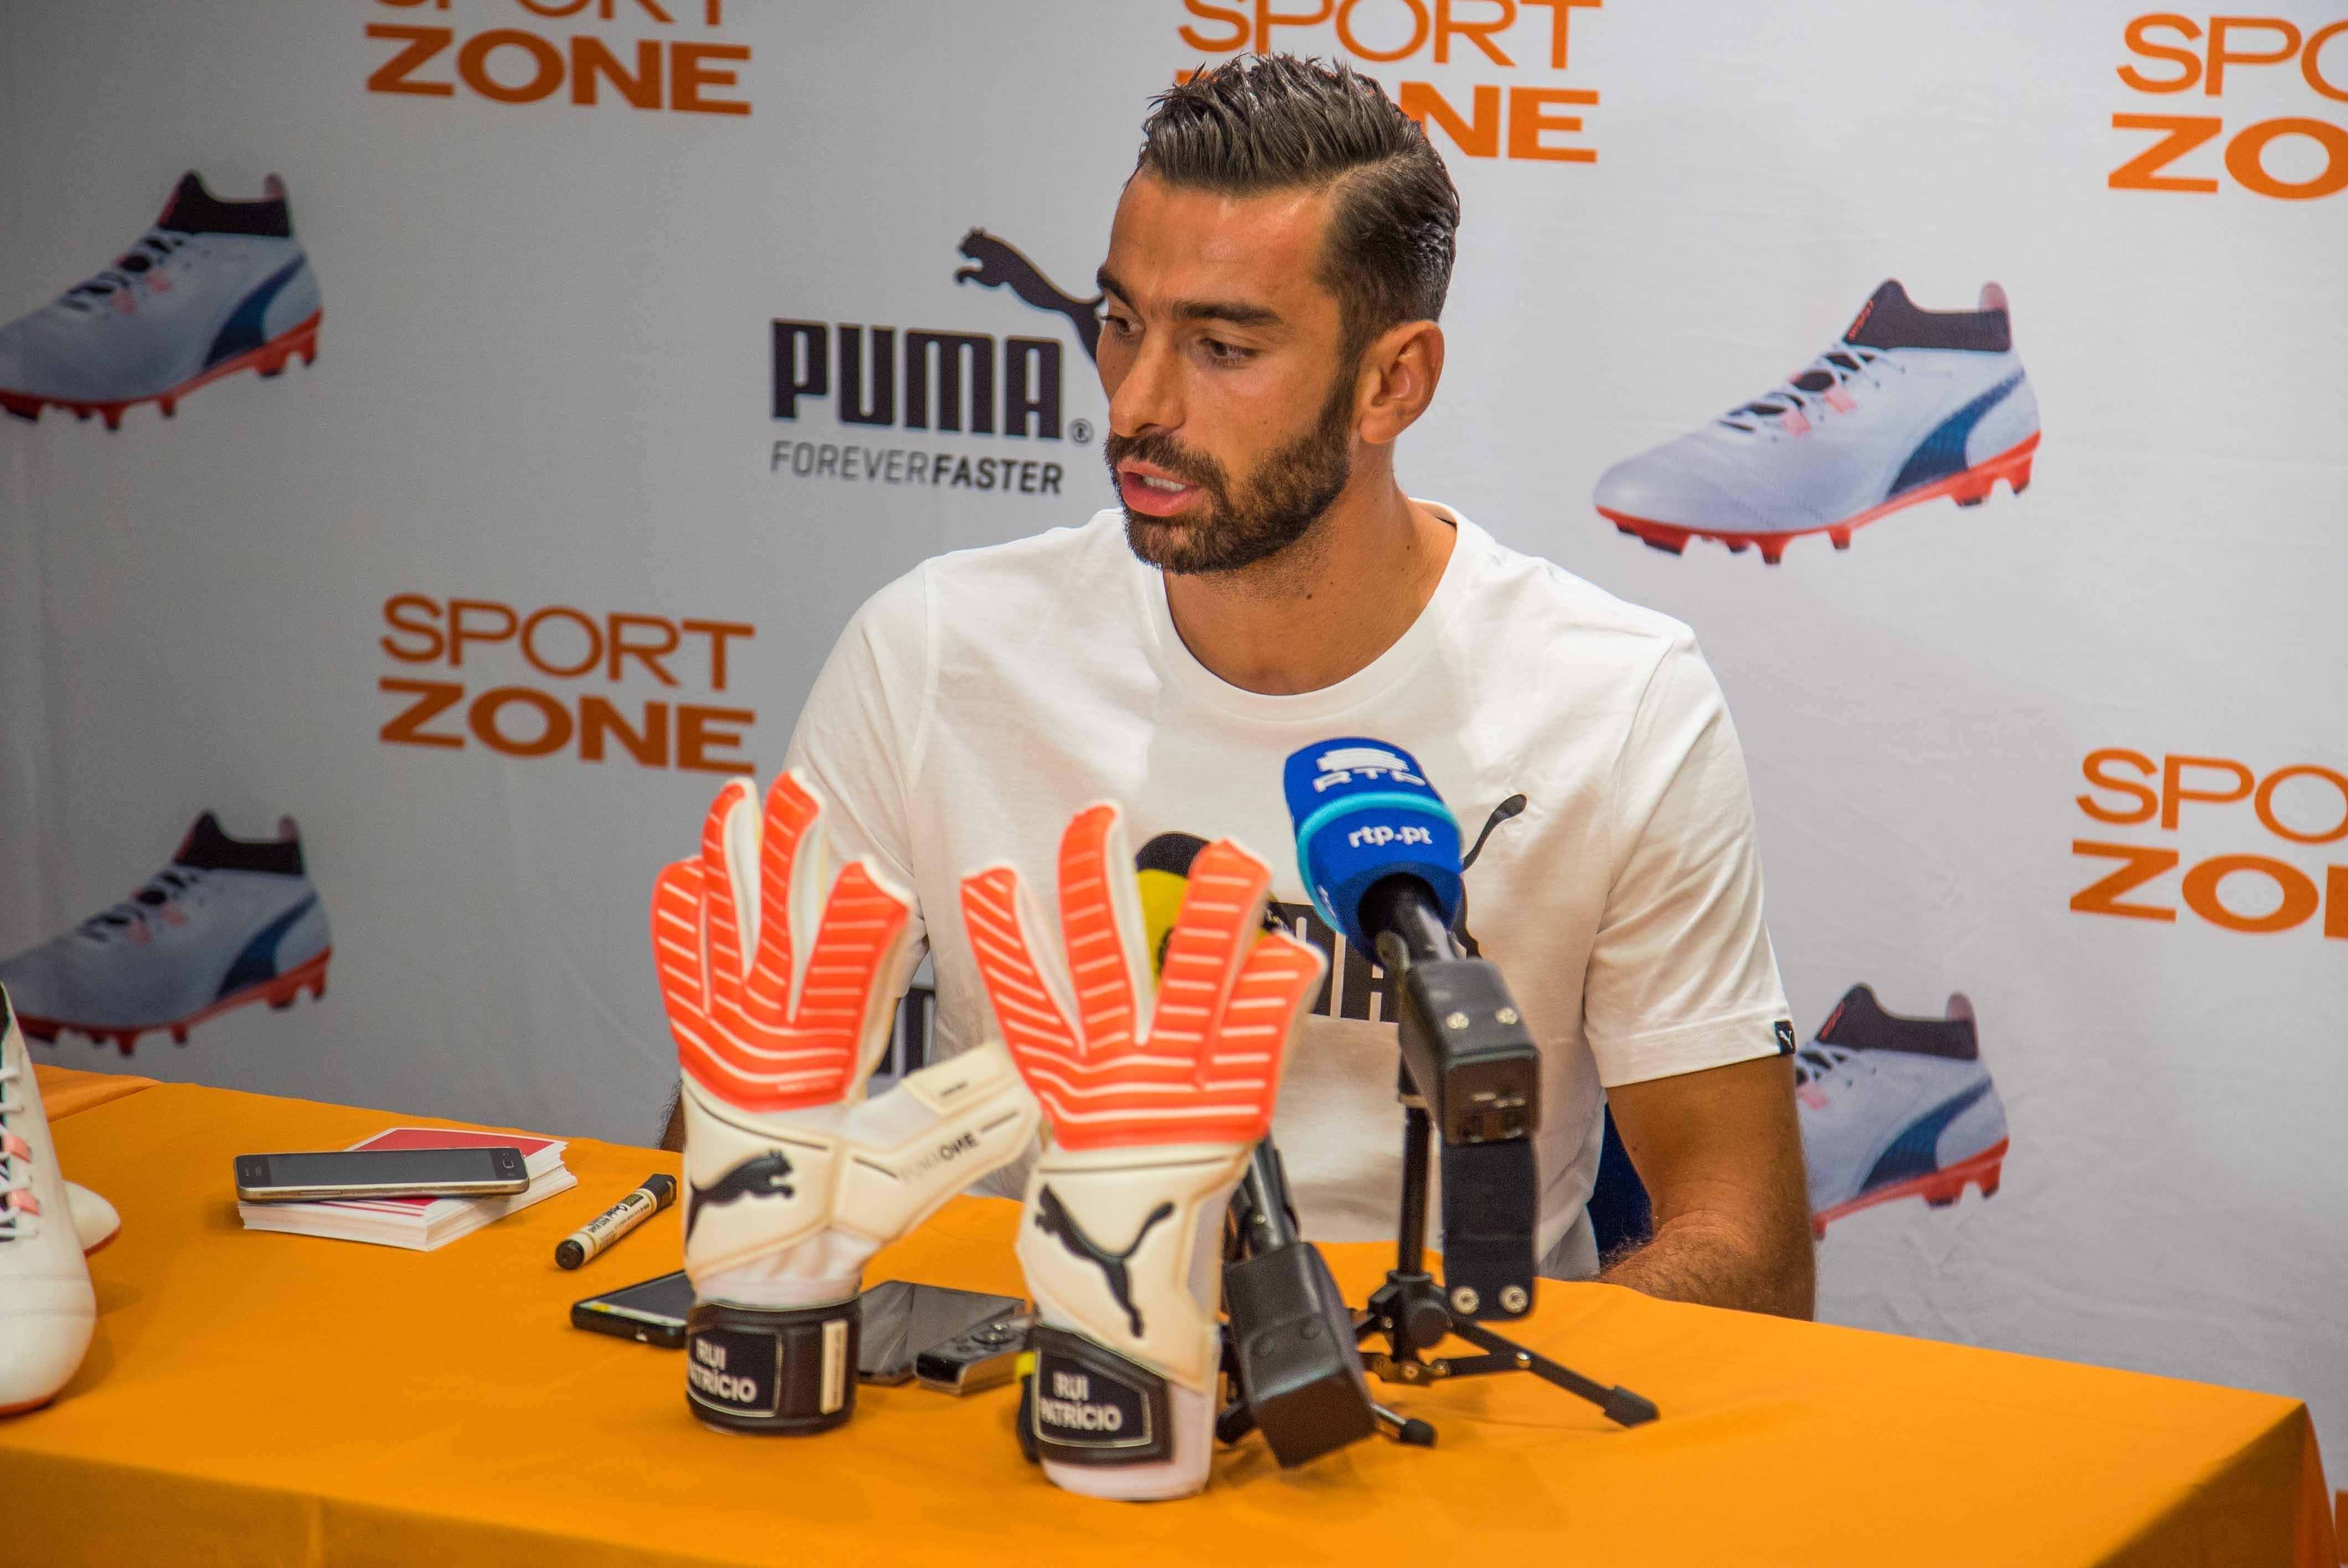 Rui Patrício apresentou chuteiras Puma MadeiraShopping